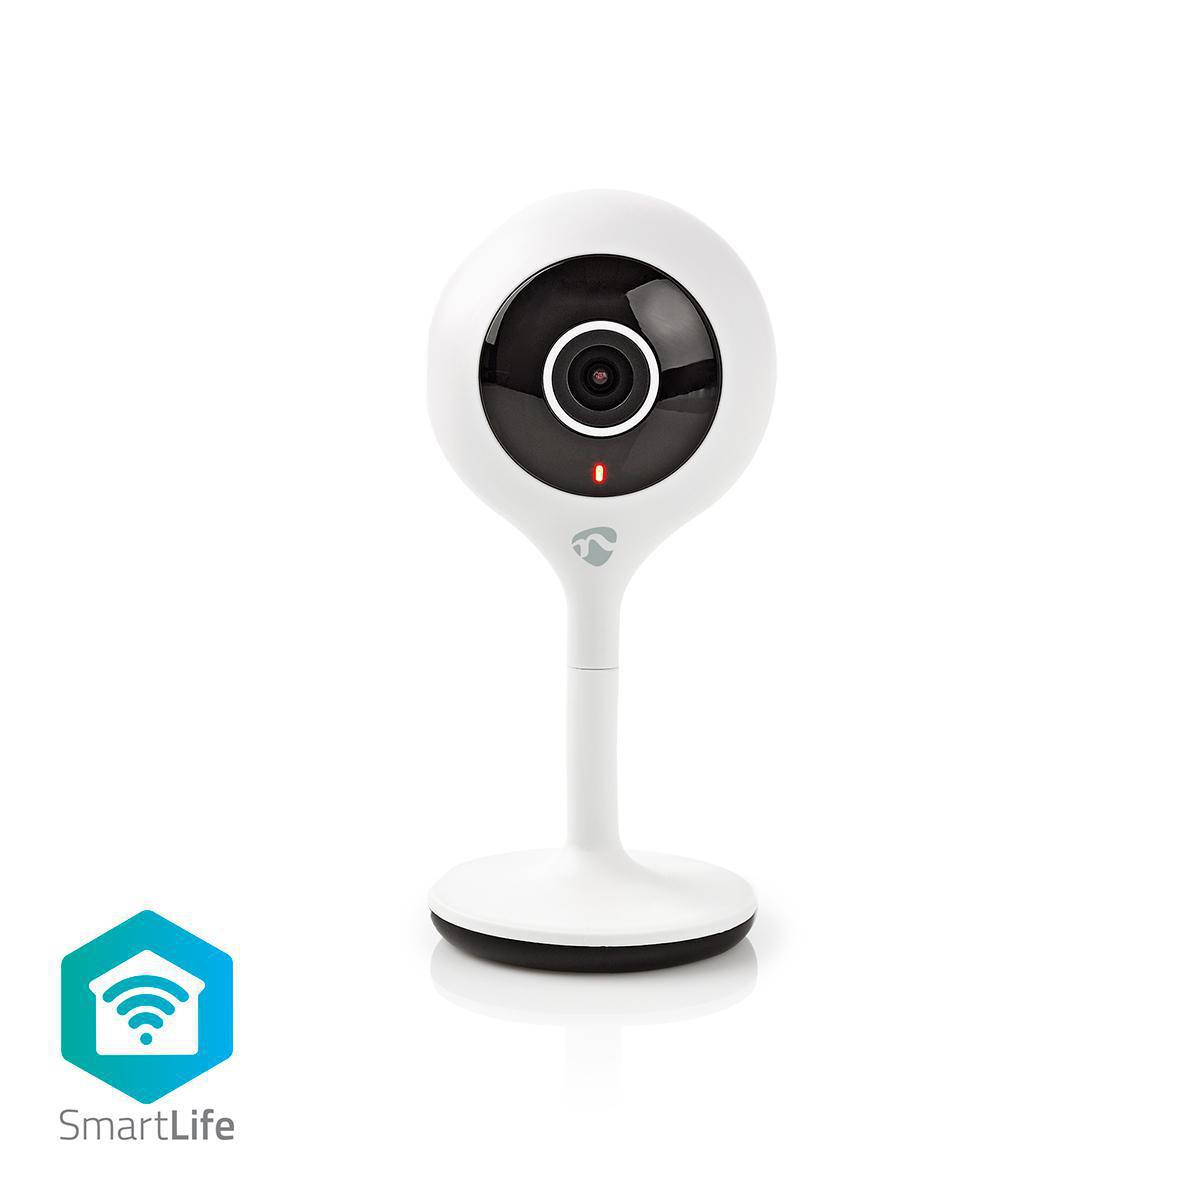 Diese SmartHome-IP-Kamera ist eine wesentliche Ergänzung zu jedem Smart Home-System, verbindet Sie direkt mit Ihrem WLAN-Netzwerk - kein zusätzlicher Hub erforderlich - und wird von jeder Bewegung und jedem Geräusch im Raum ausgelöst.